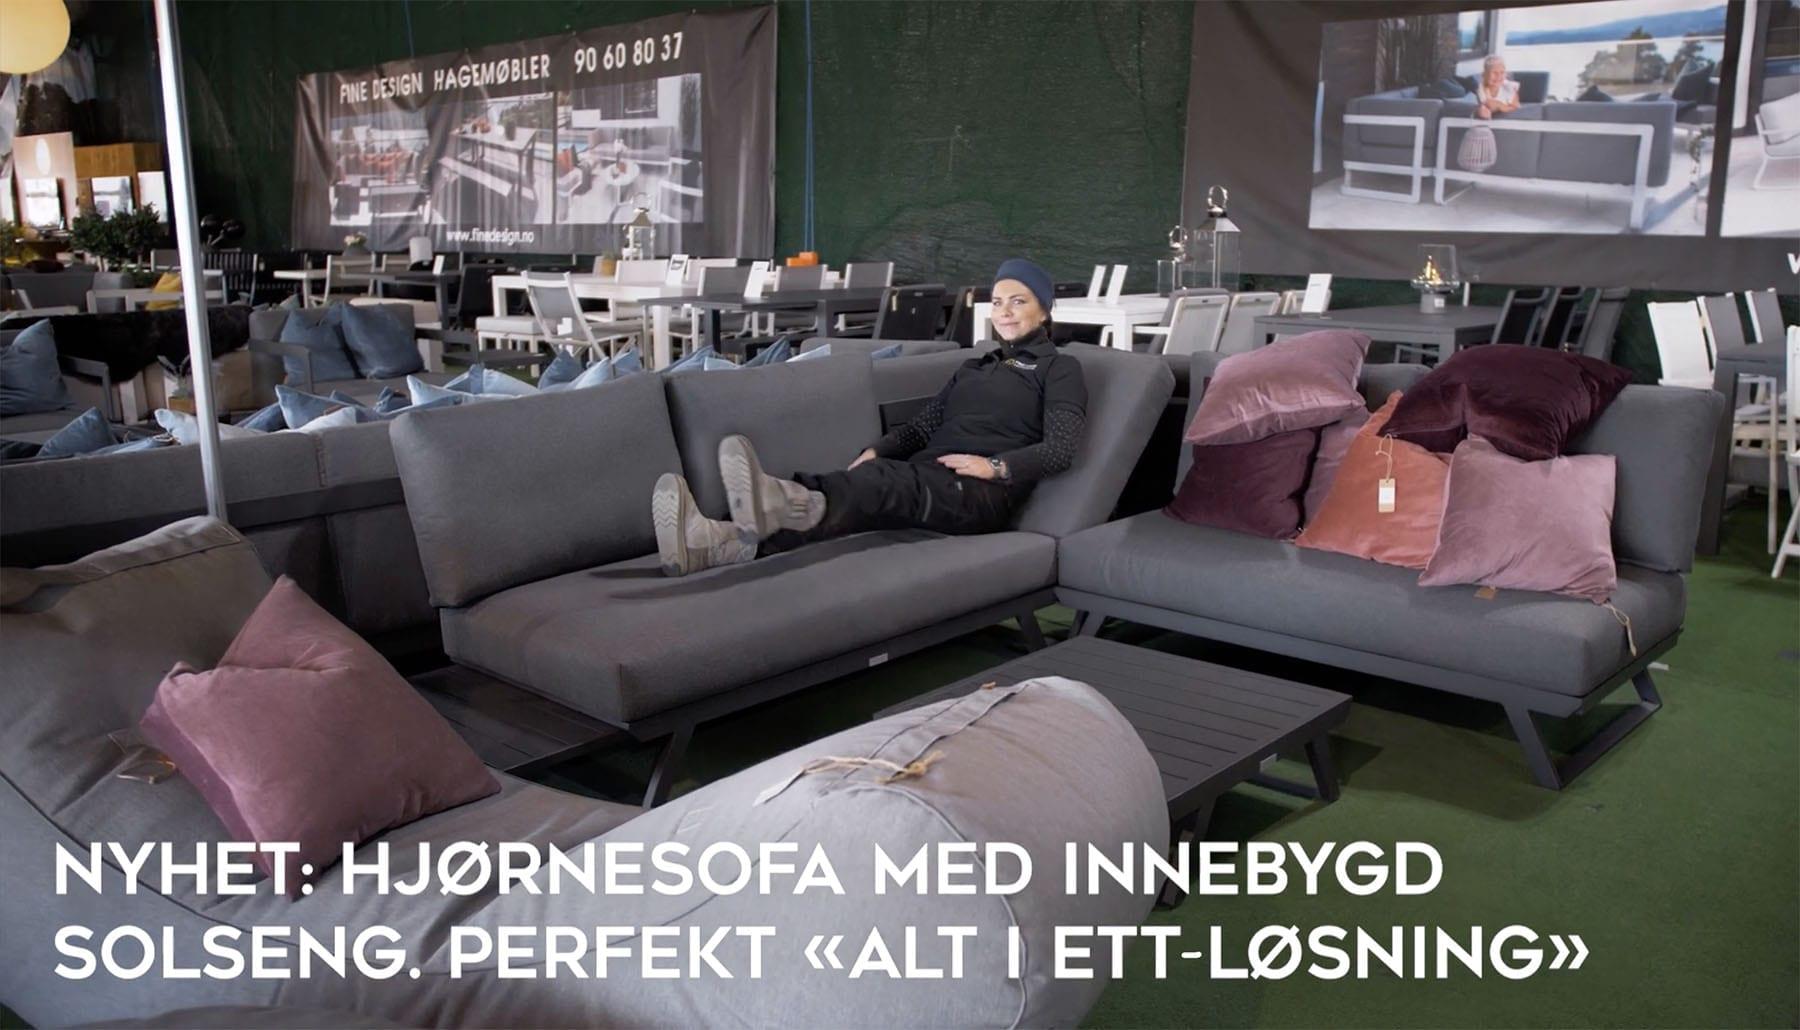 Hjørnesofa-med-innebygd-solseng Hagemøbler og utemøbler - Fine design